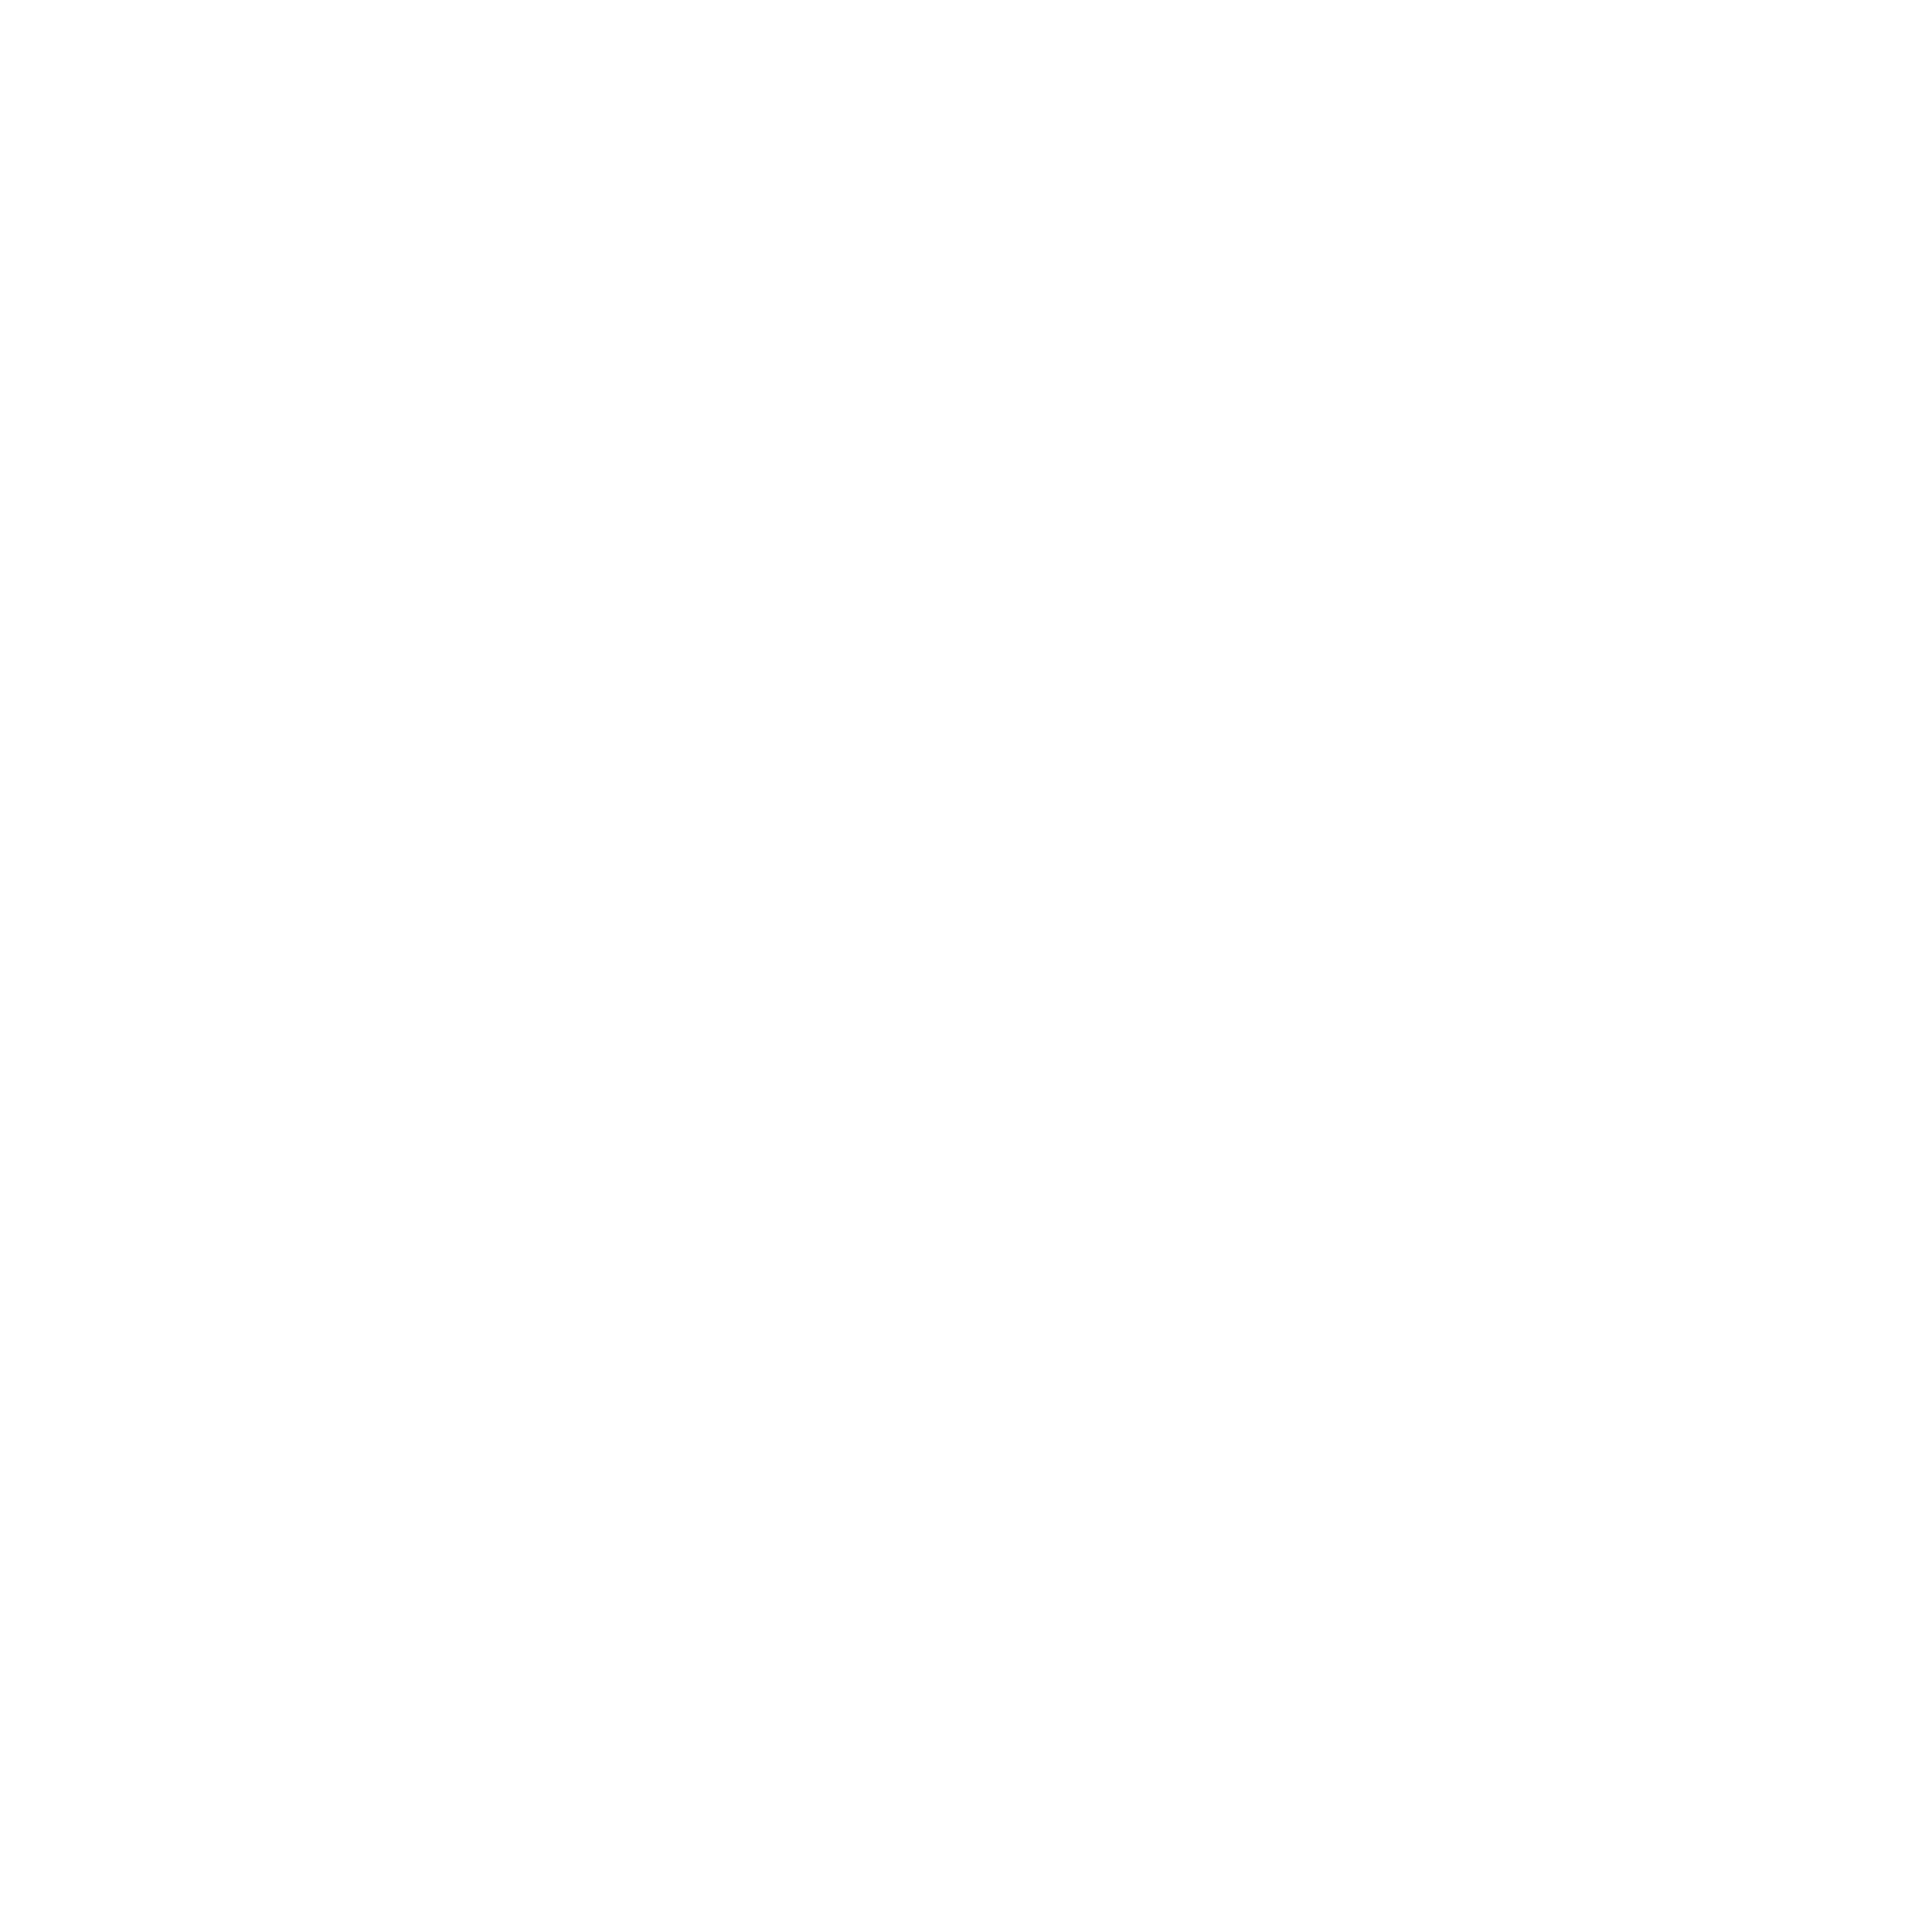 Poder Judicial del Estado de Durango -